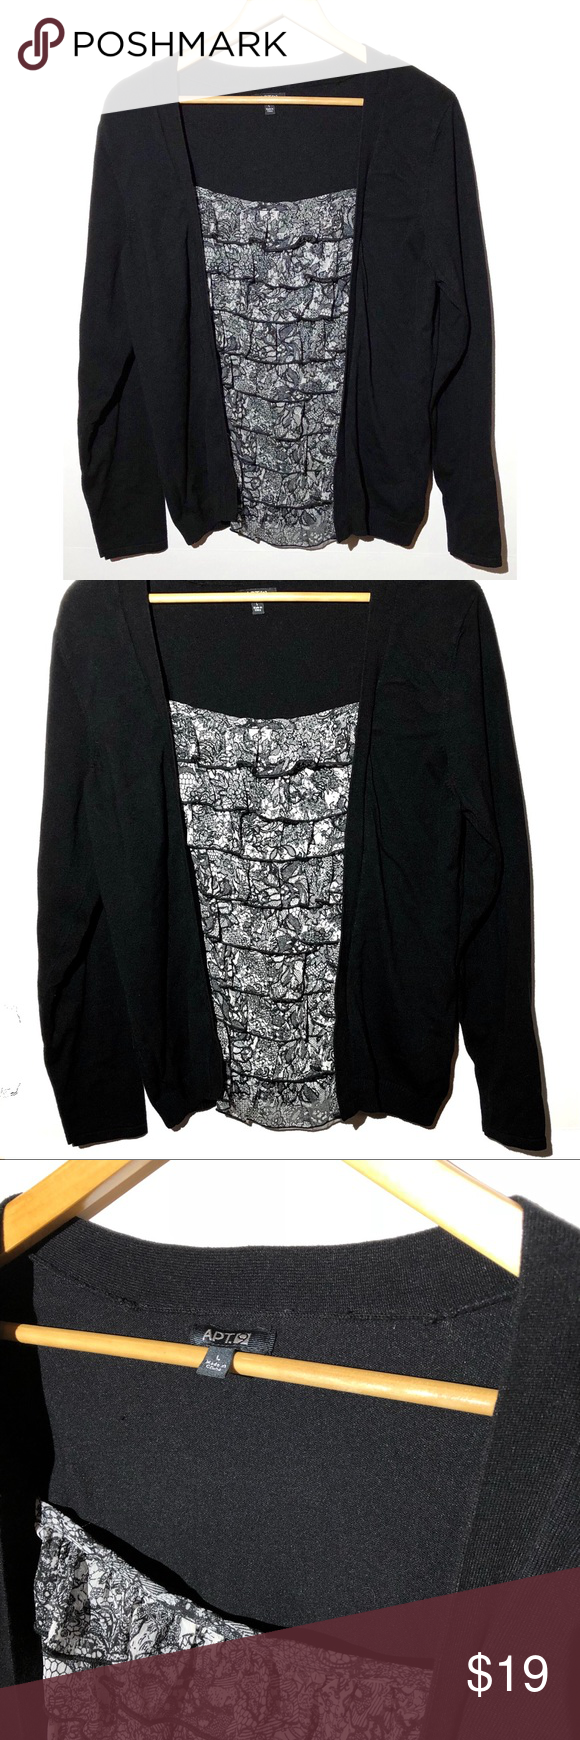 Final Markdown Faux Layered Sweater Blouse Combo My Posh Picks